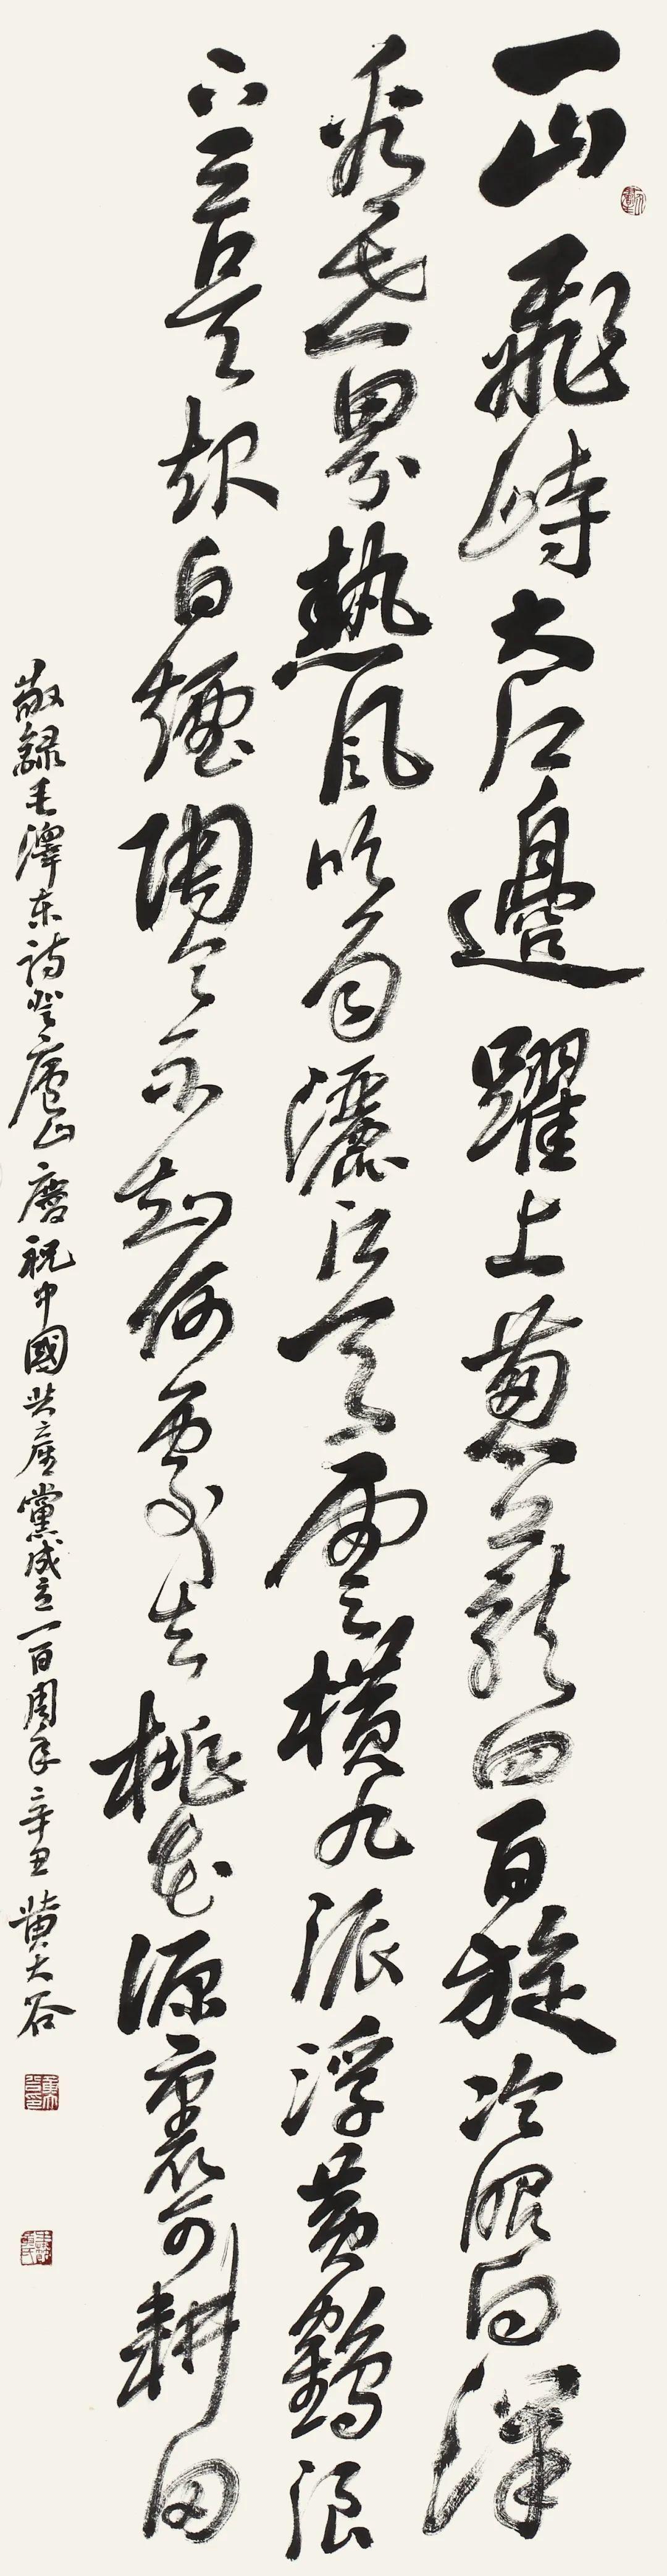 广东省书法家协会会员、广州市书法家协会会员、广州羊城书法研究会理事黄大谷